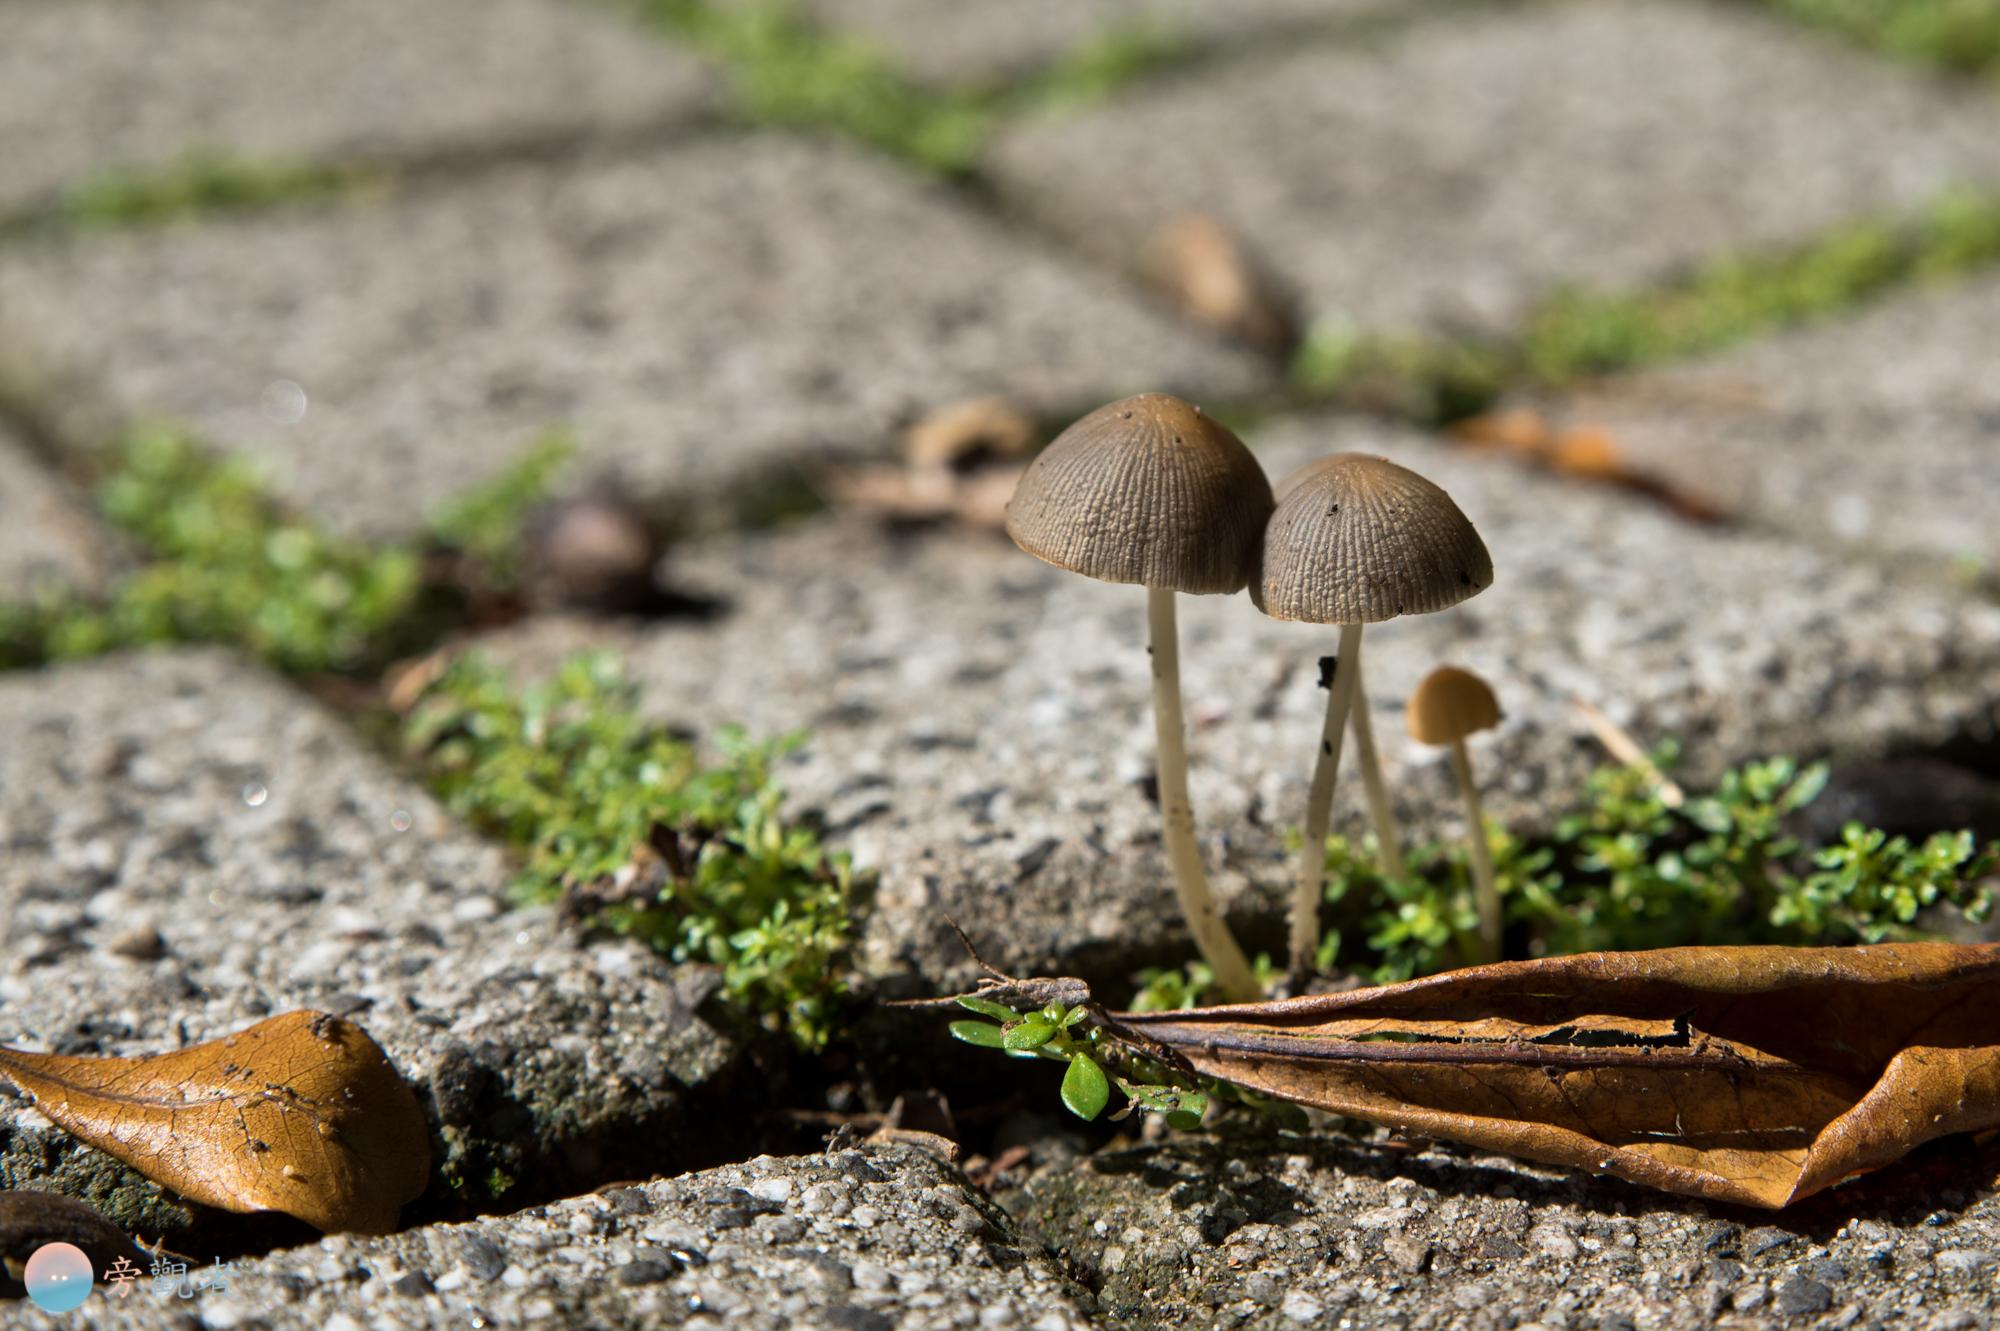 雨過天晴,地磚上長出的蕈類。南投埔里桃米